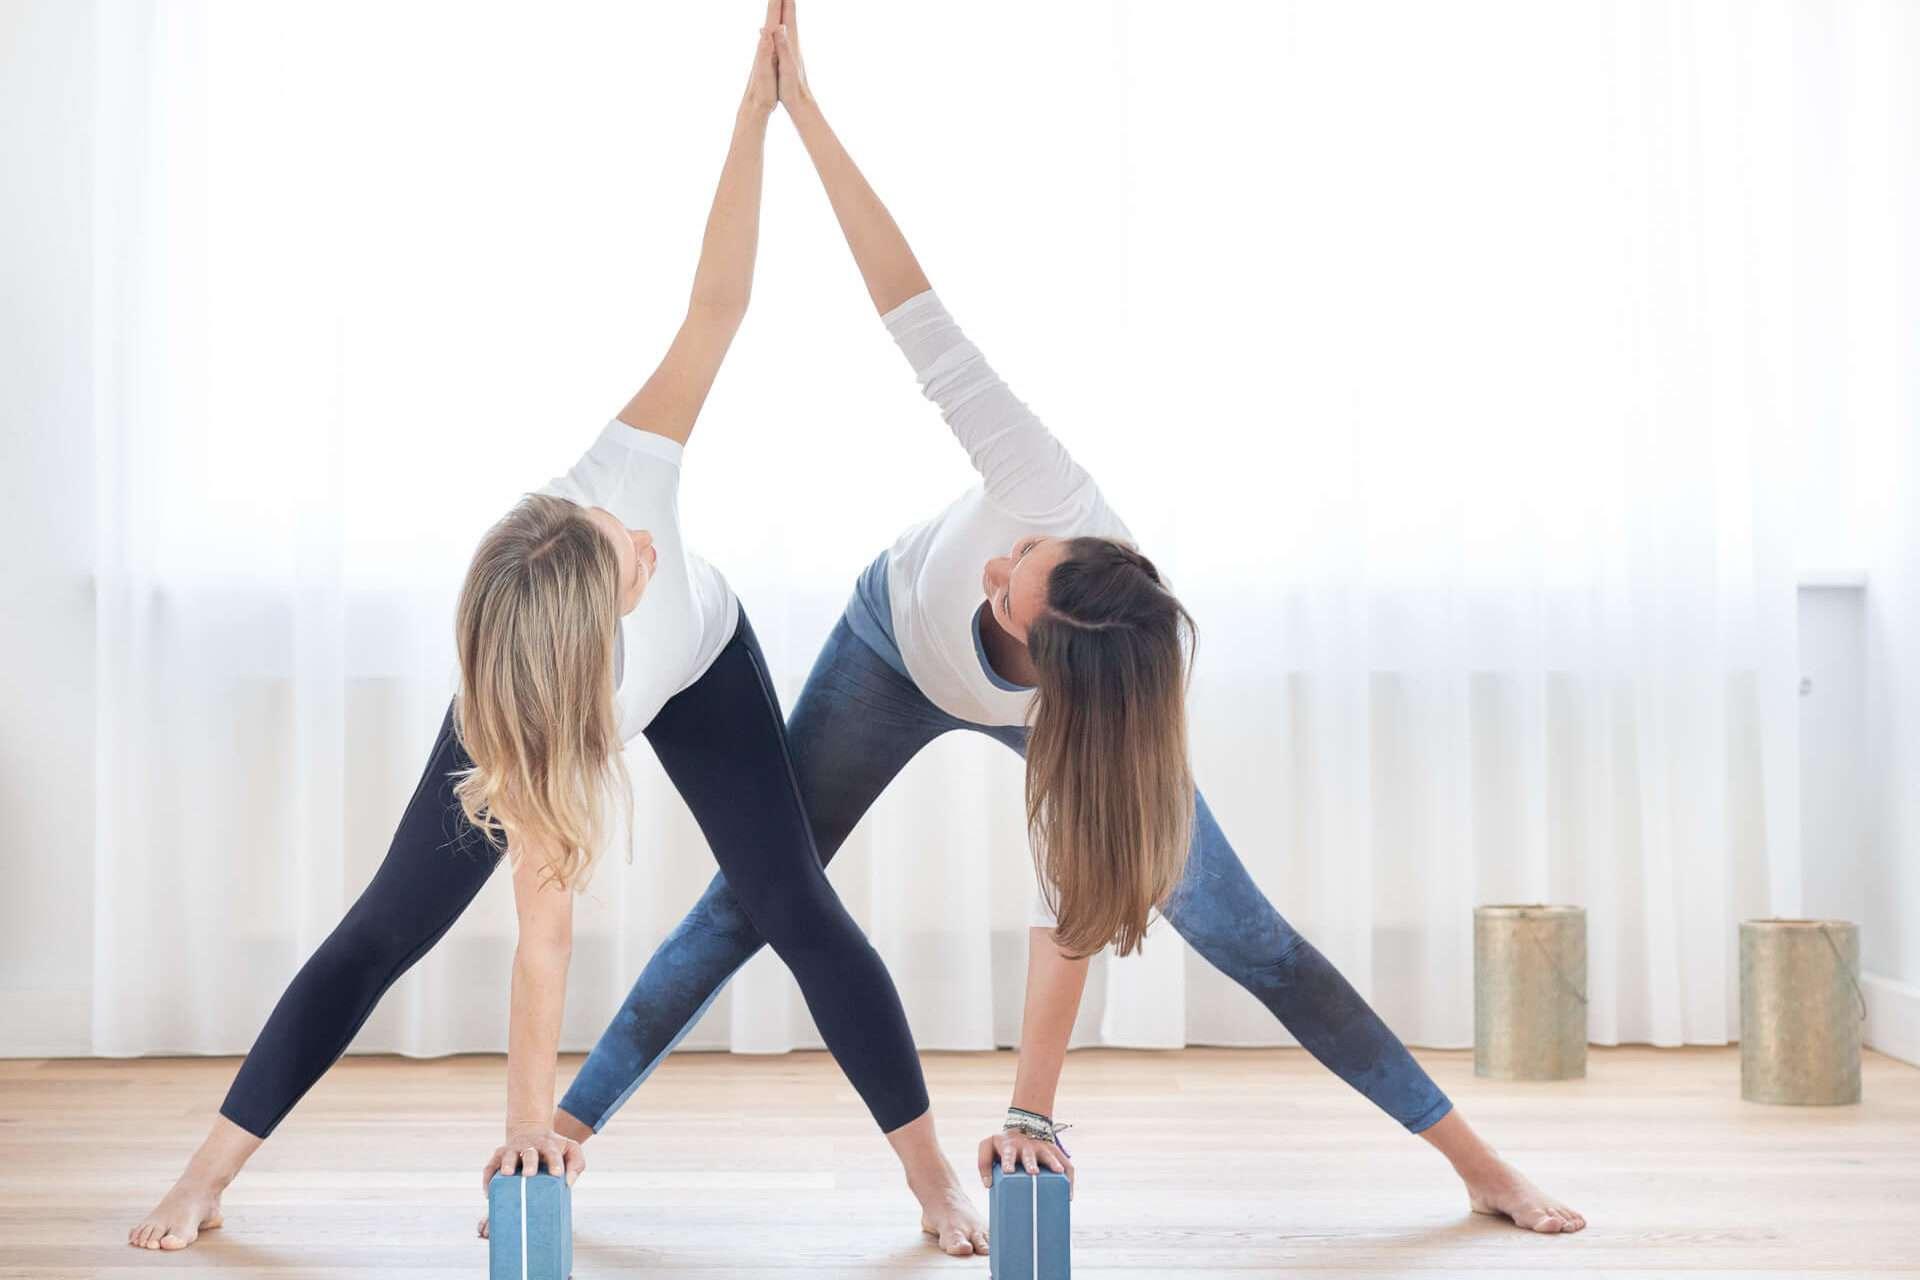 Achtsame Fitnessübung zu zweit